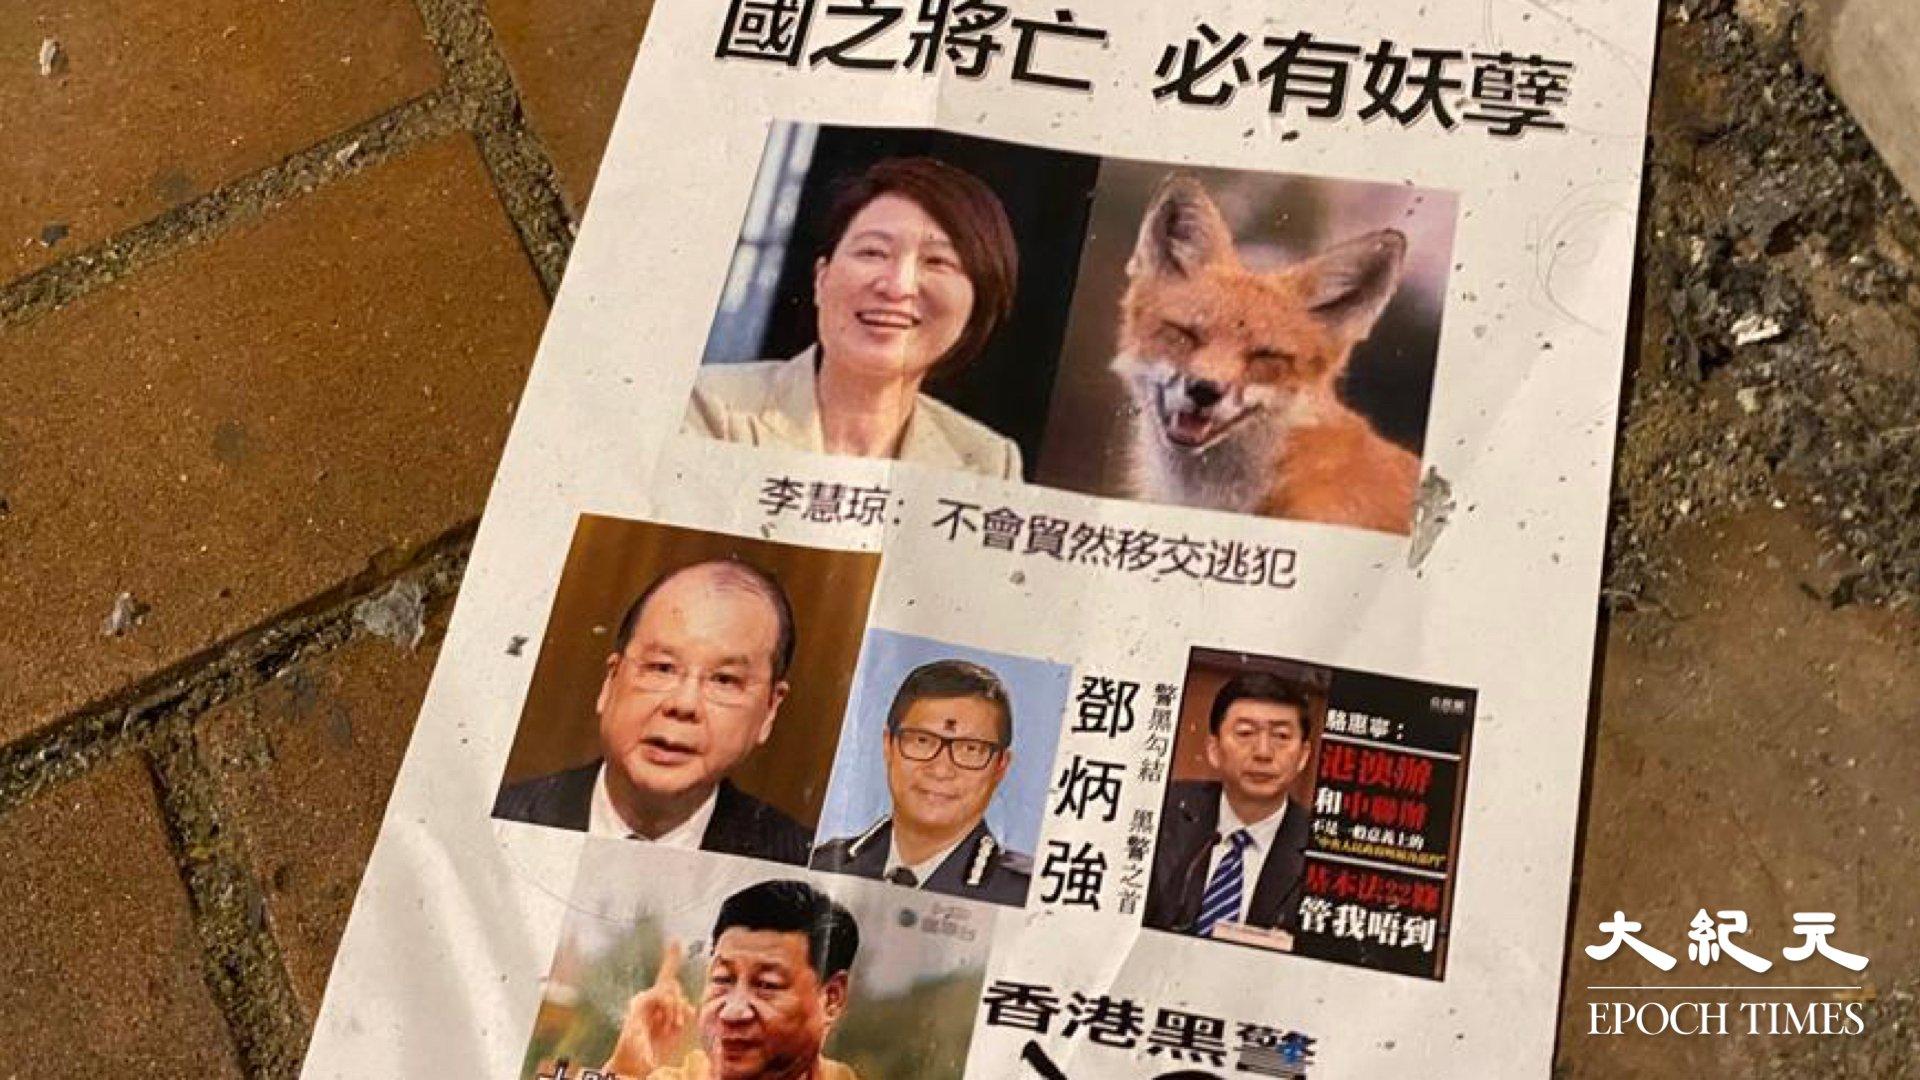 地上有人留下數張領導人及高官的照片。(梁珍/大紀元)